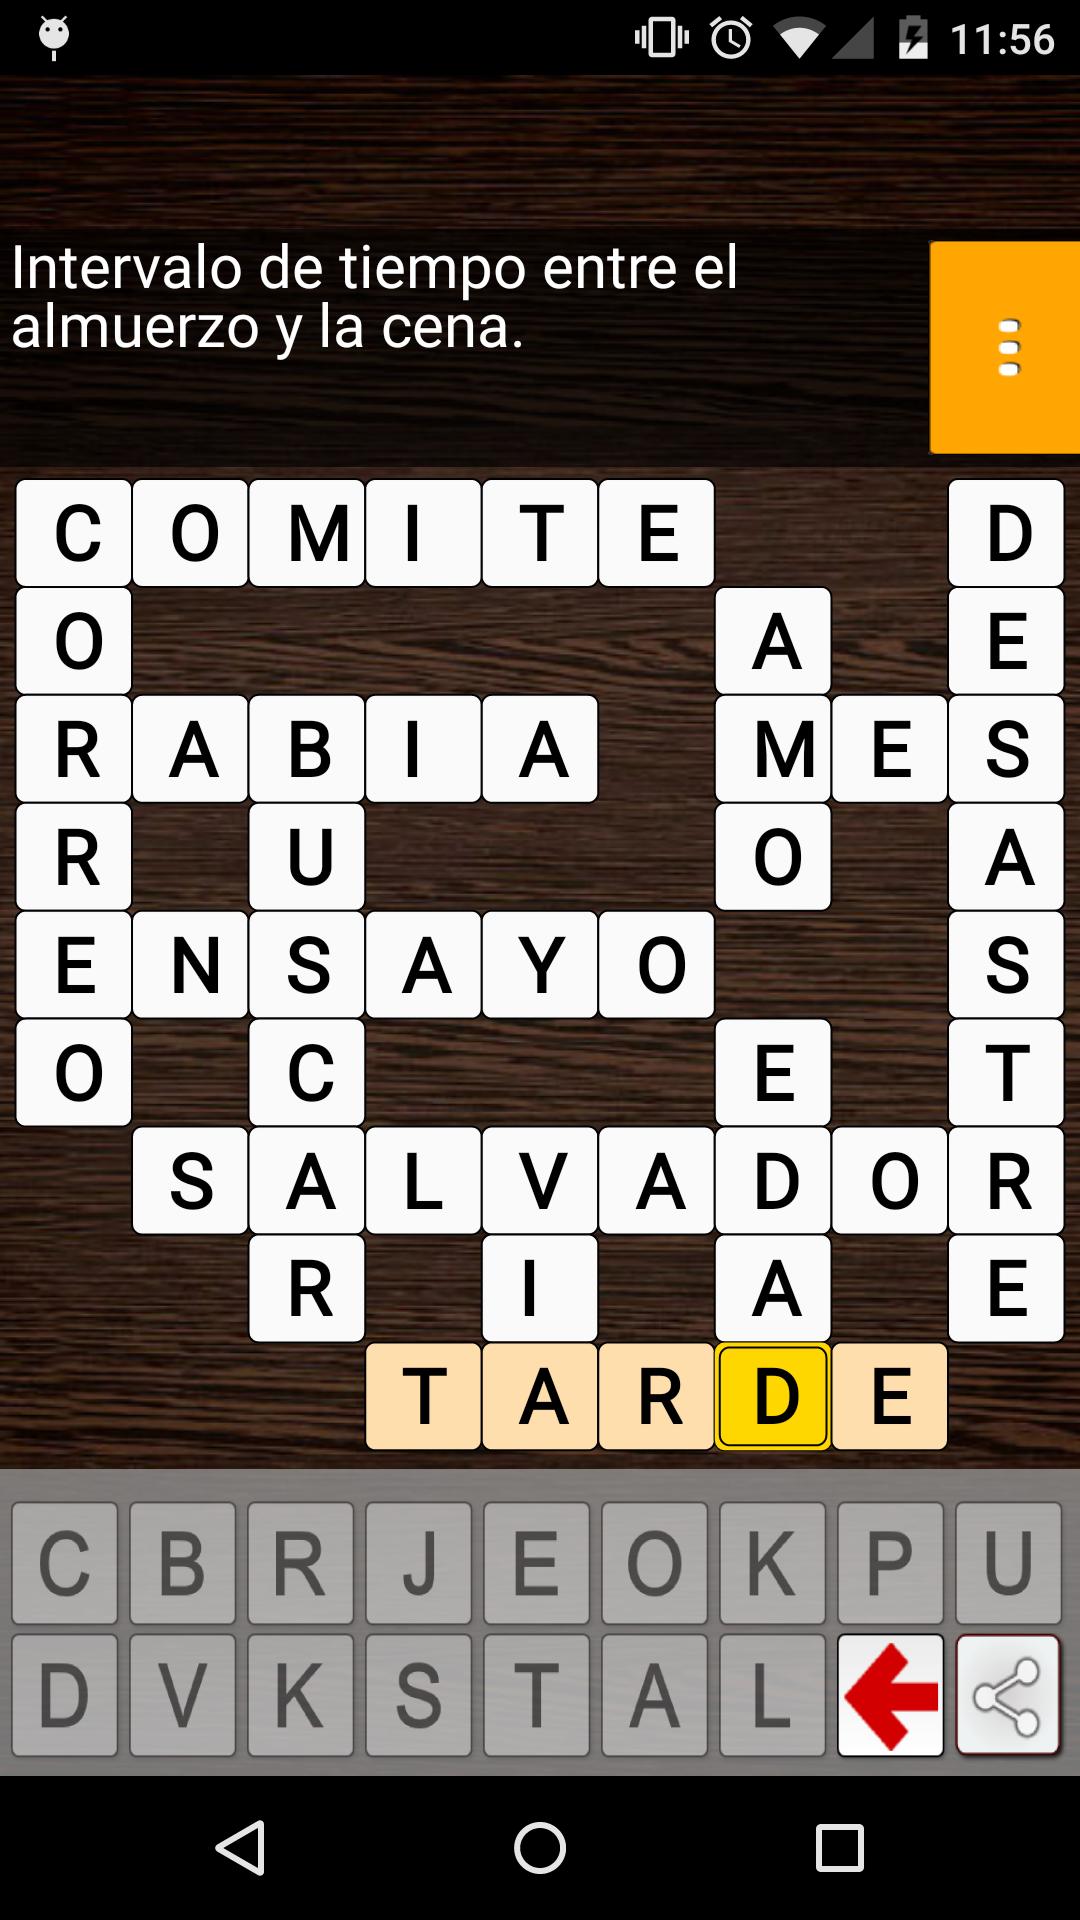 Palabras Cruzadas en Español: Amazon.es: Appstore para Android